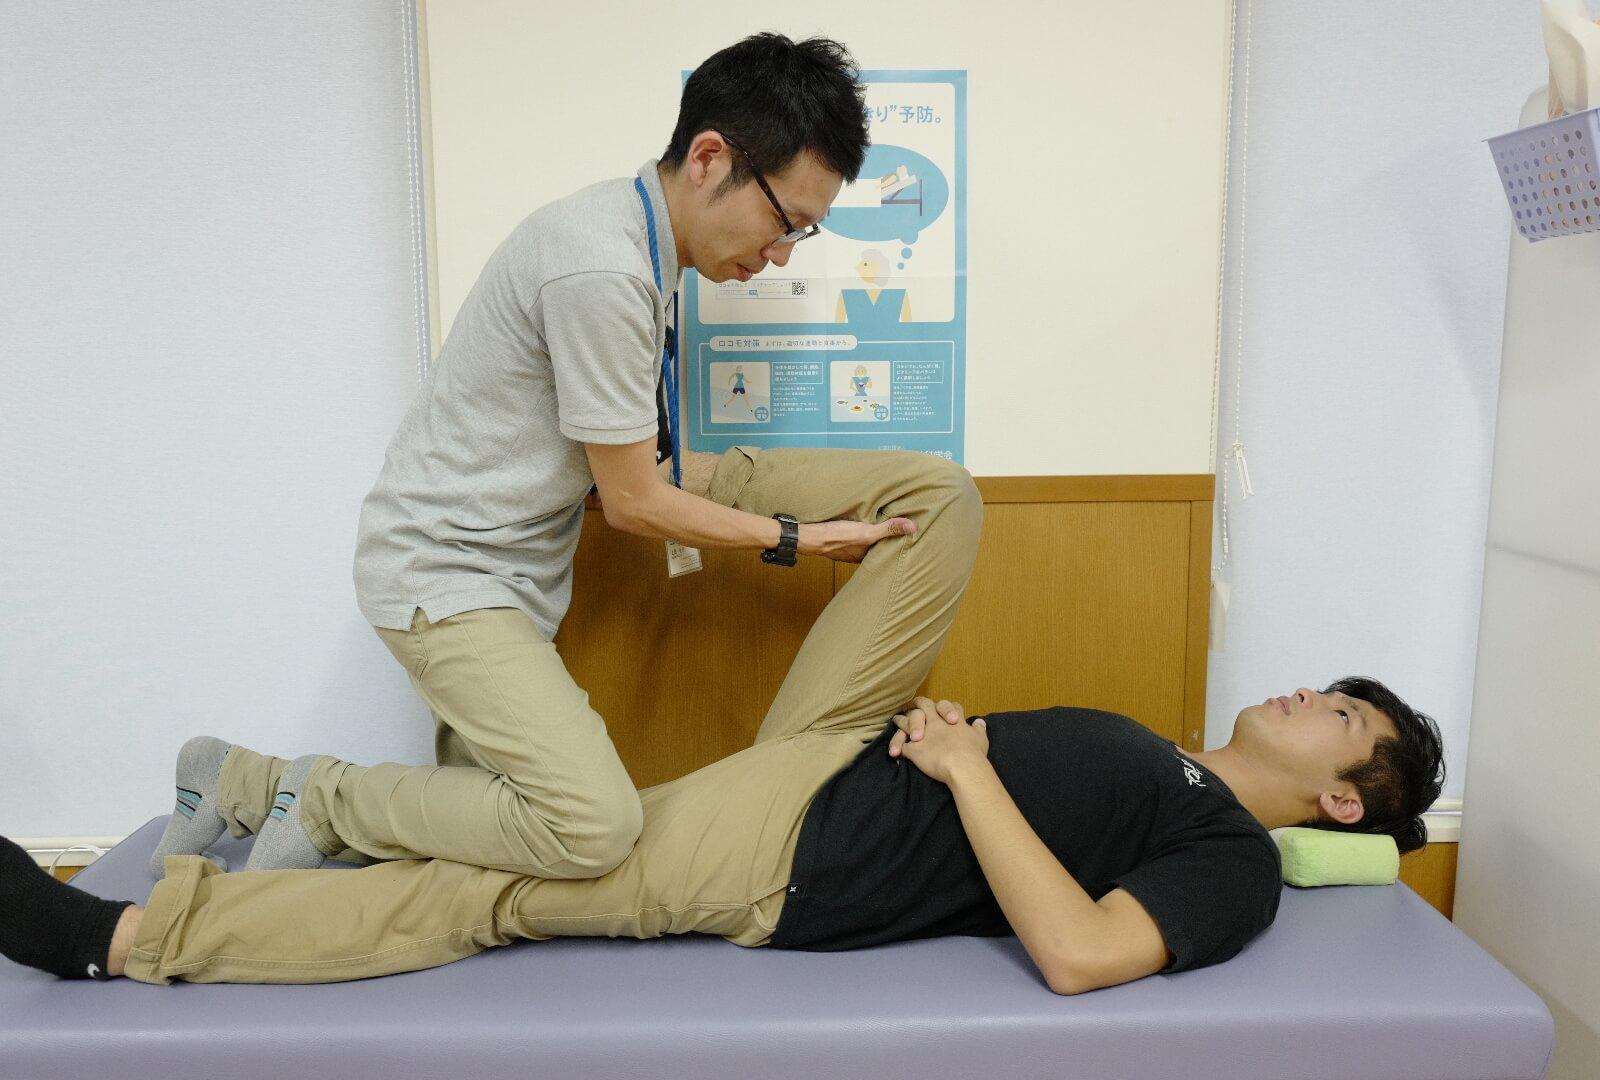 股関節の関節可動ストレッチ